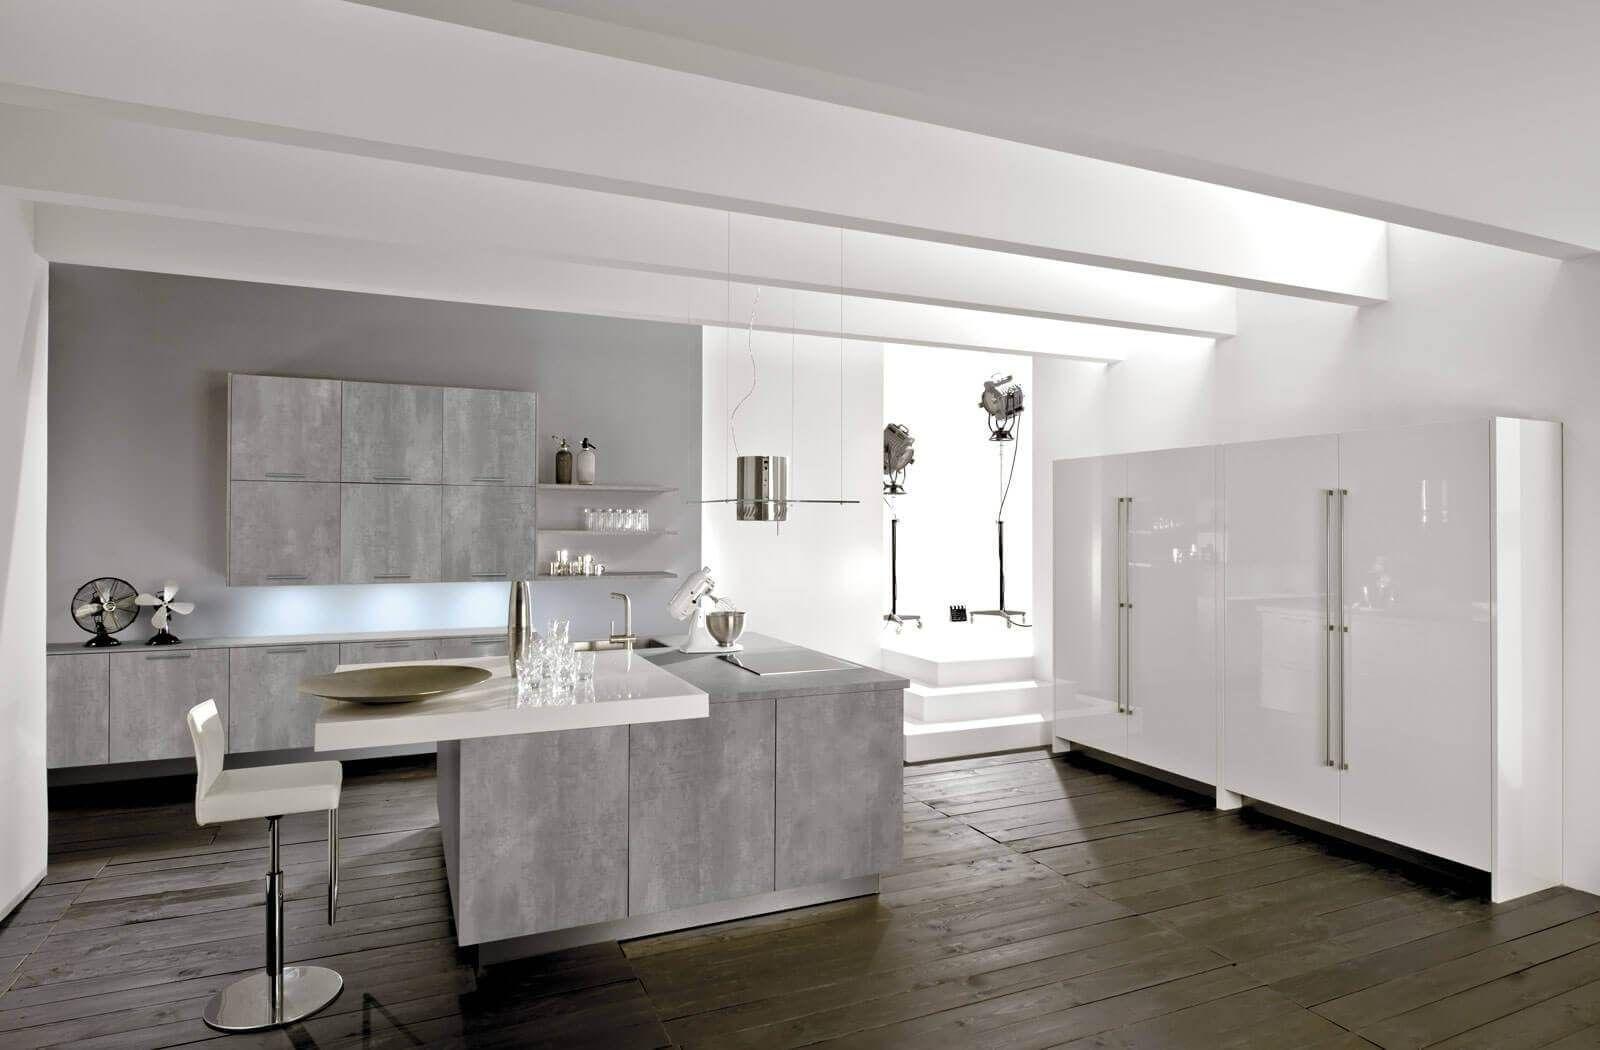 Küchendesign neuer stil graue küche die  schönsten ideen und bilder  interiors